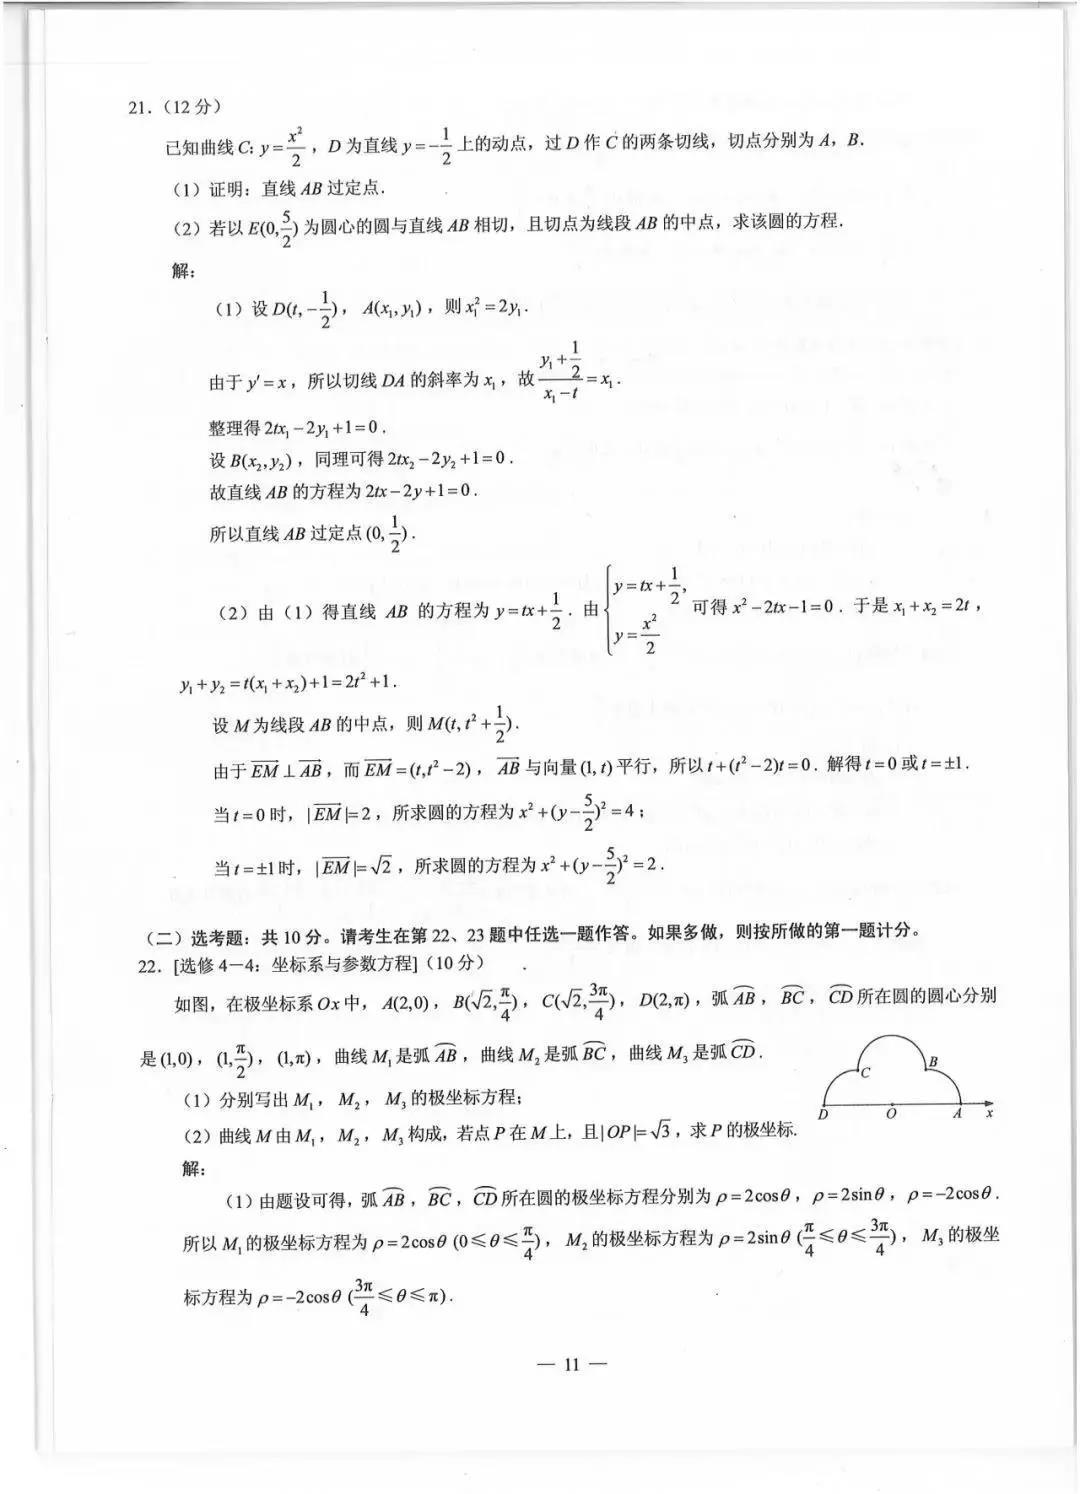 2013年高考语文试题_2019年四川高考数学(文科)试题公布_高考网